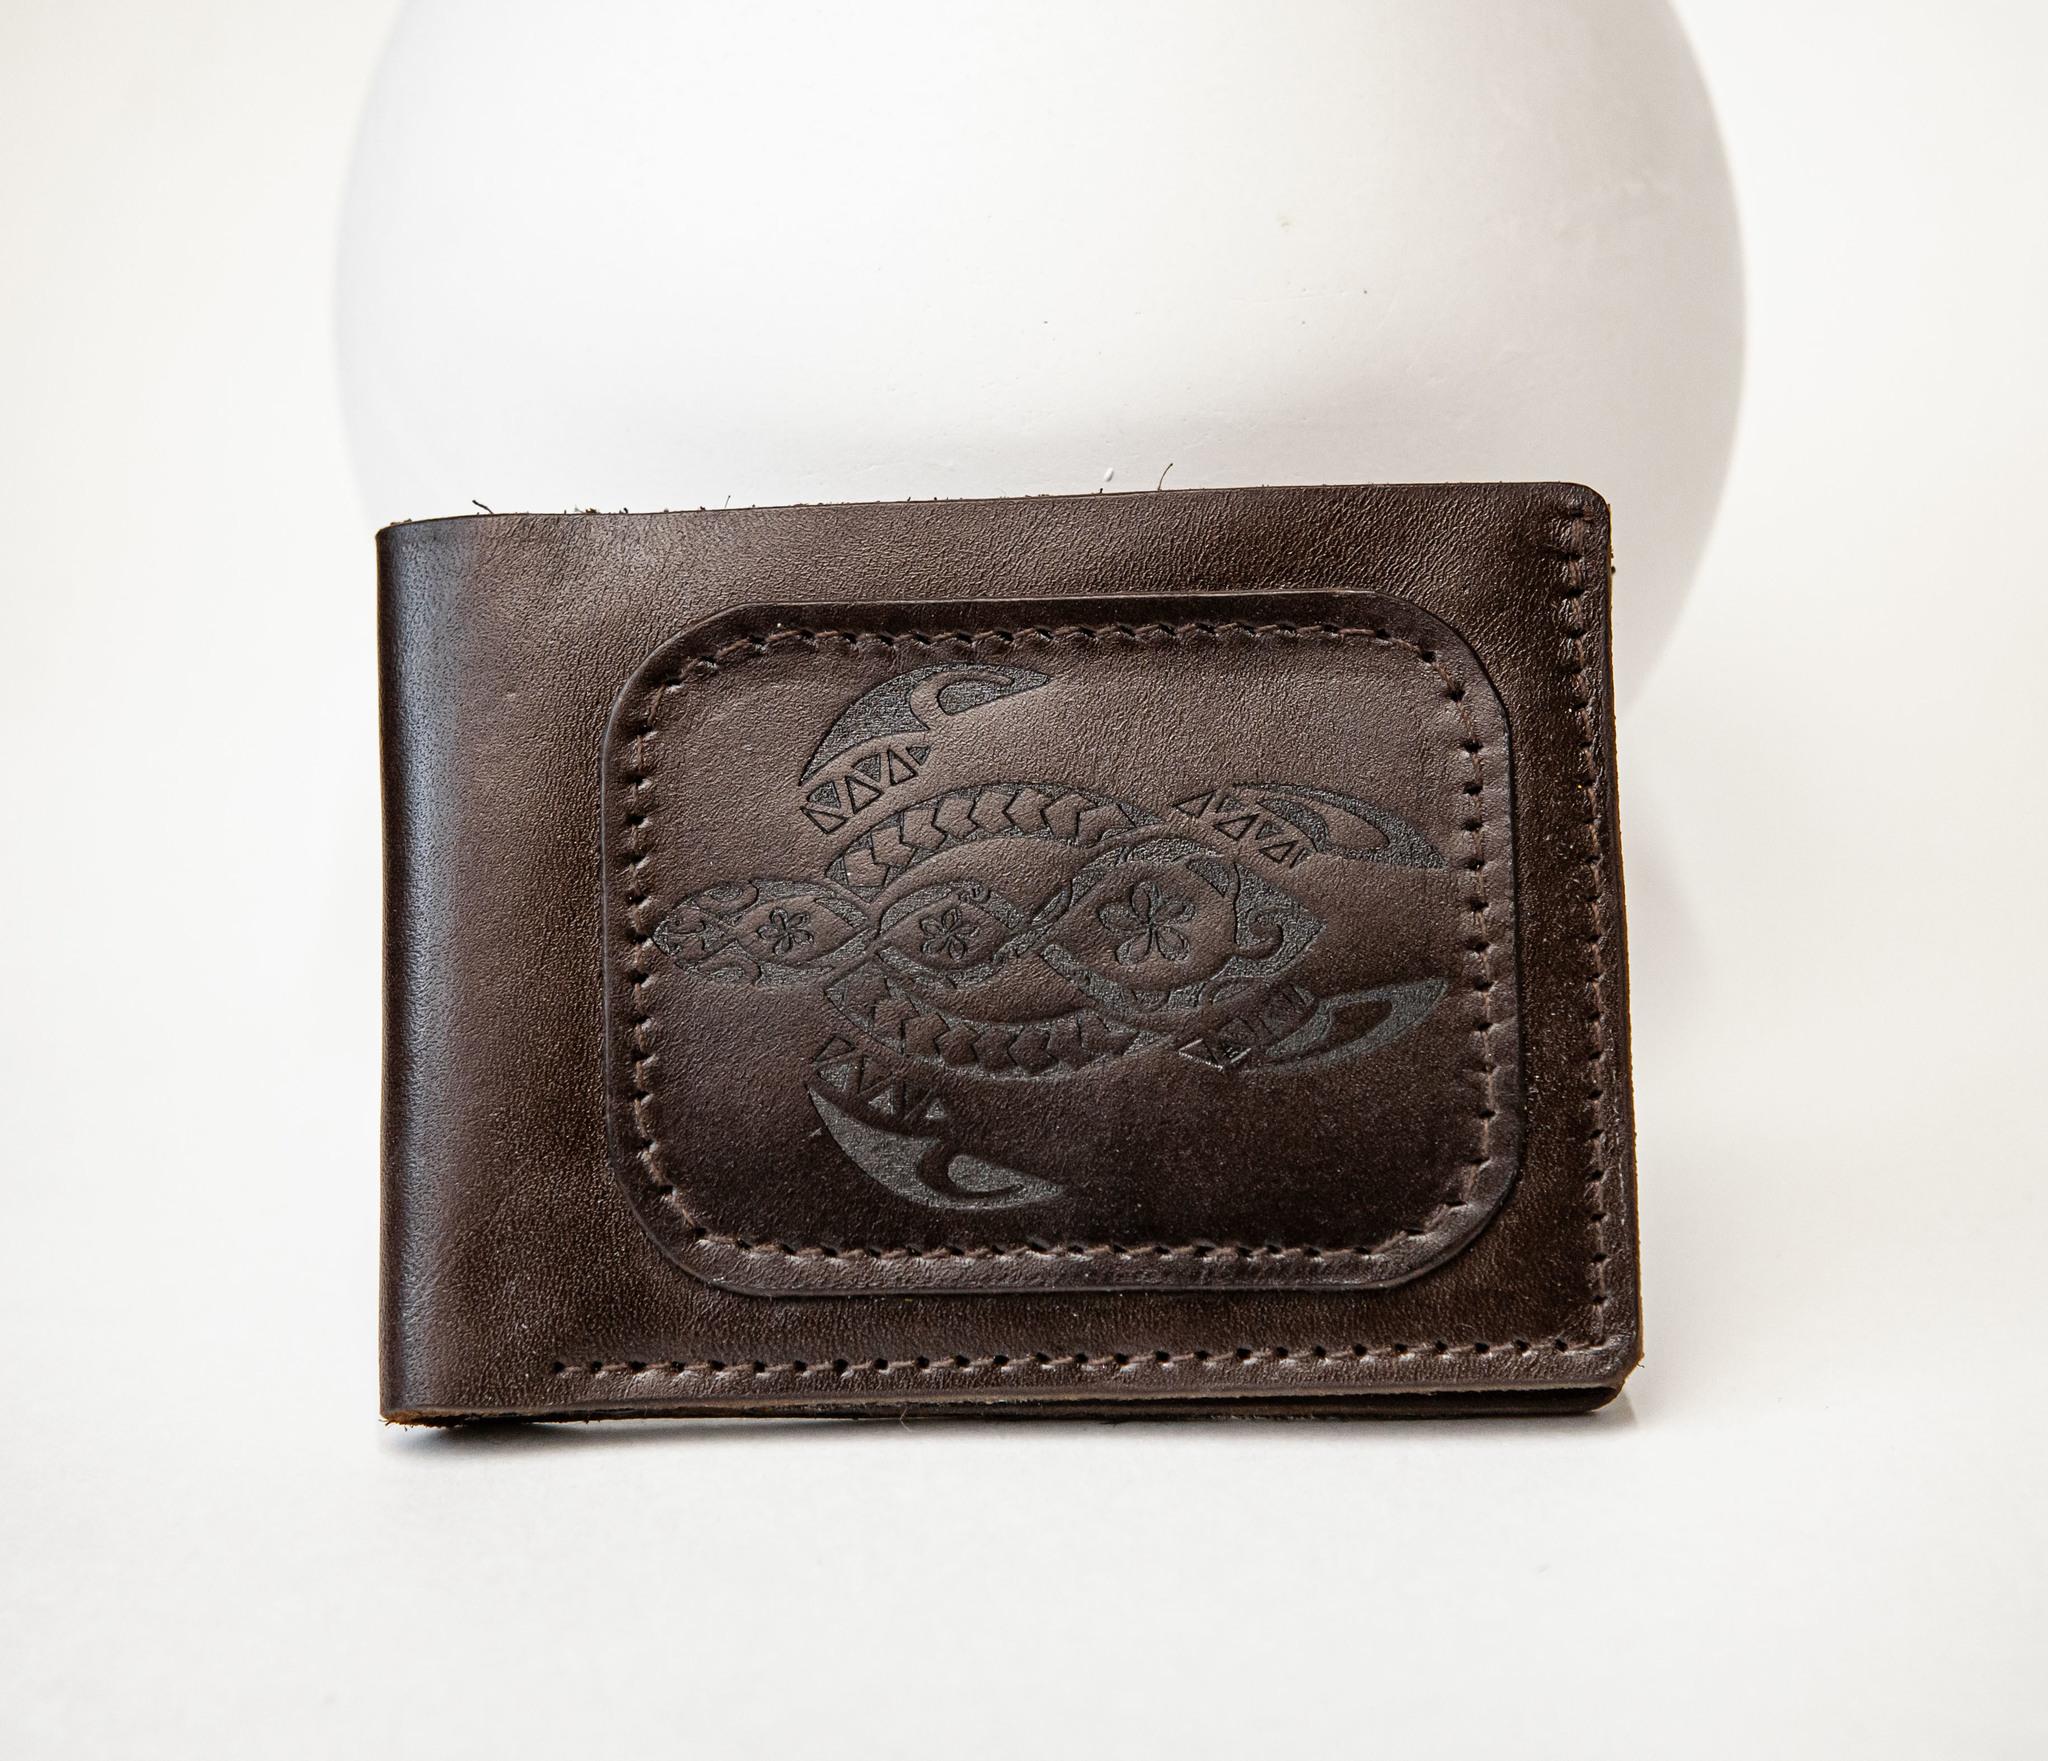 Boroda Design, Мужской кошелек с черепахой в полинезийском стиле, «Boroda Design»